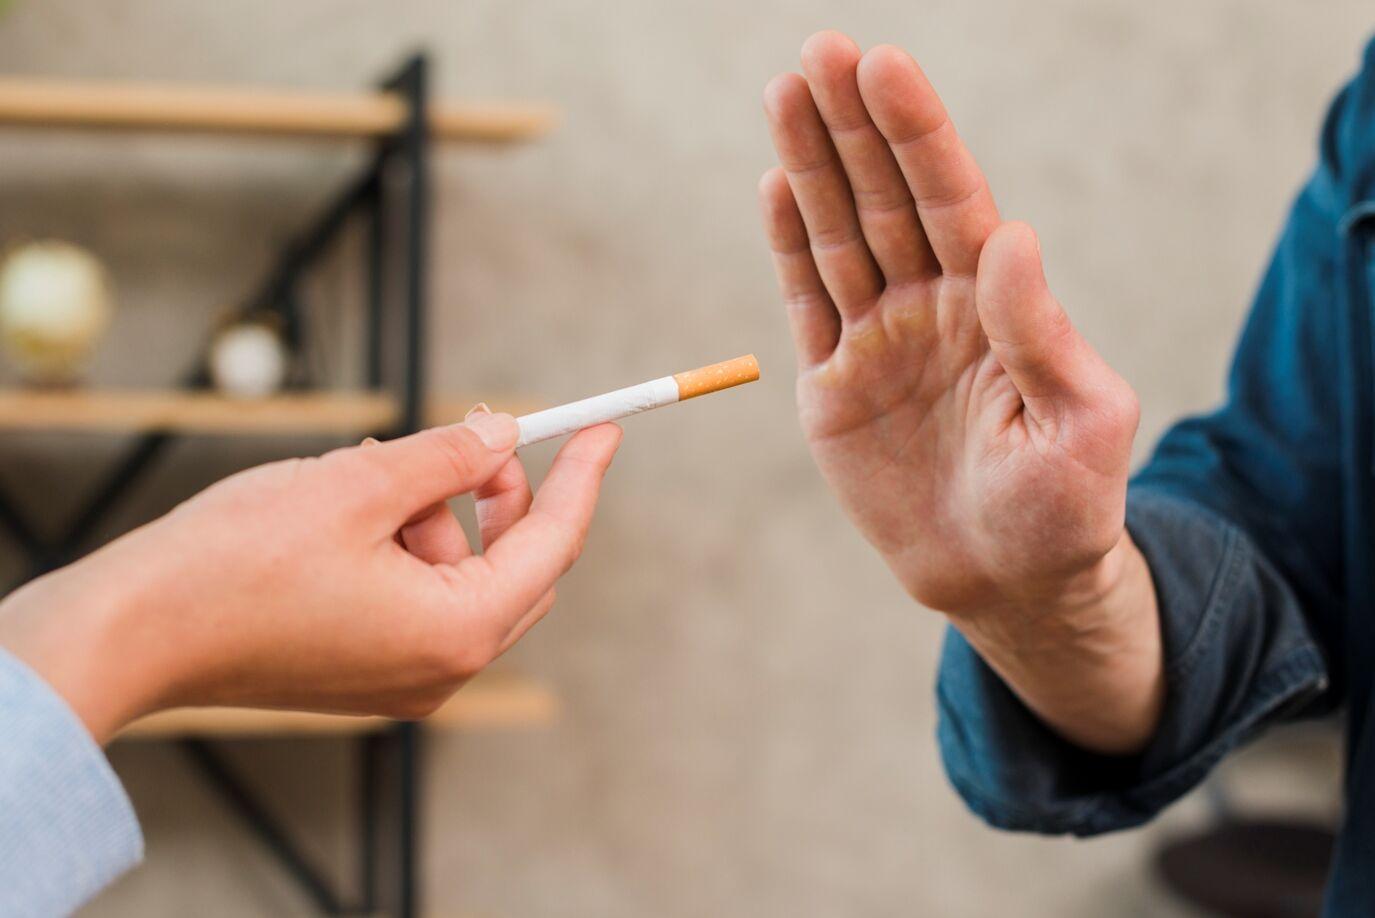 фото о борьбе с курением государь любил приятные